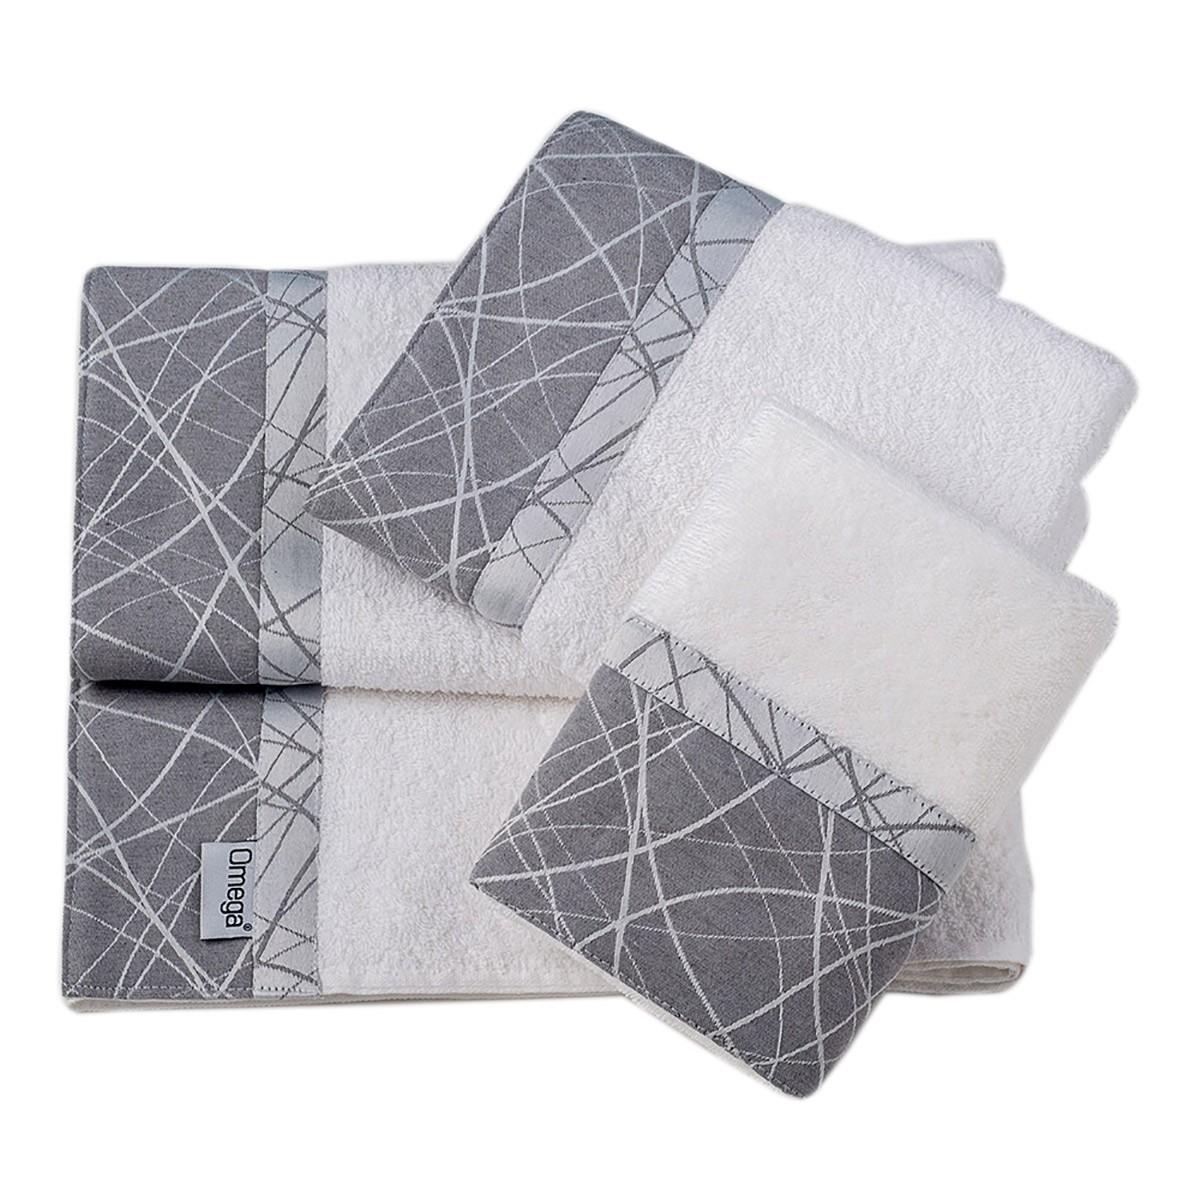 Πετσέτες Μπάνιου (Σετ 3τμχ) Omega Home Des 129